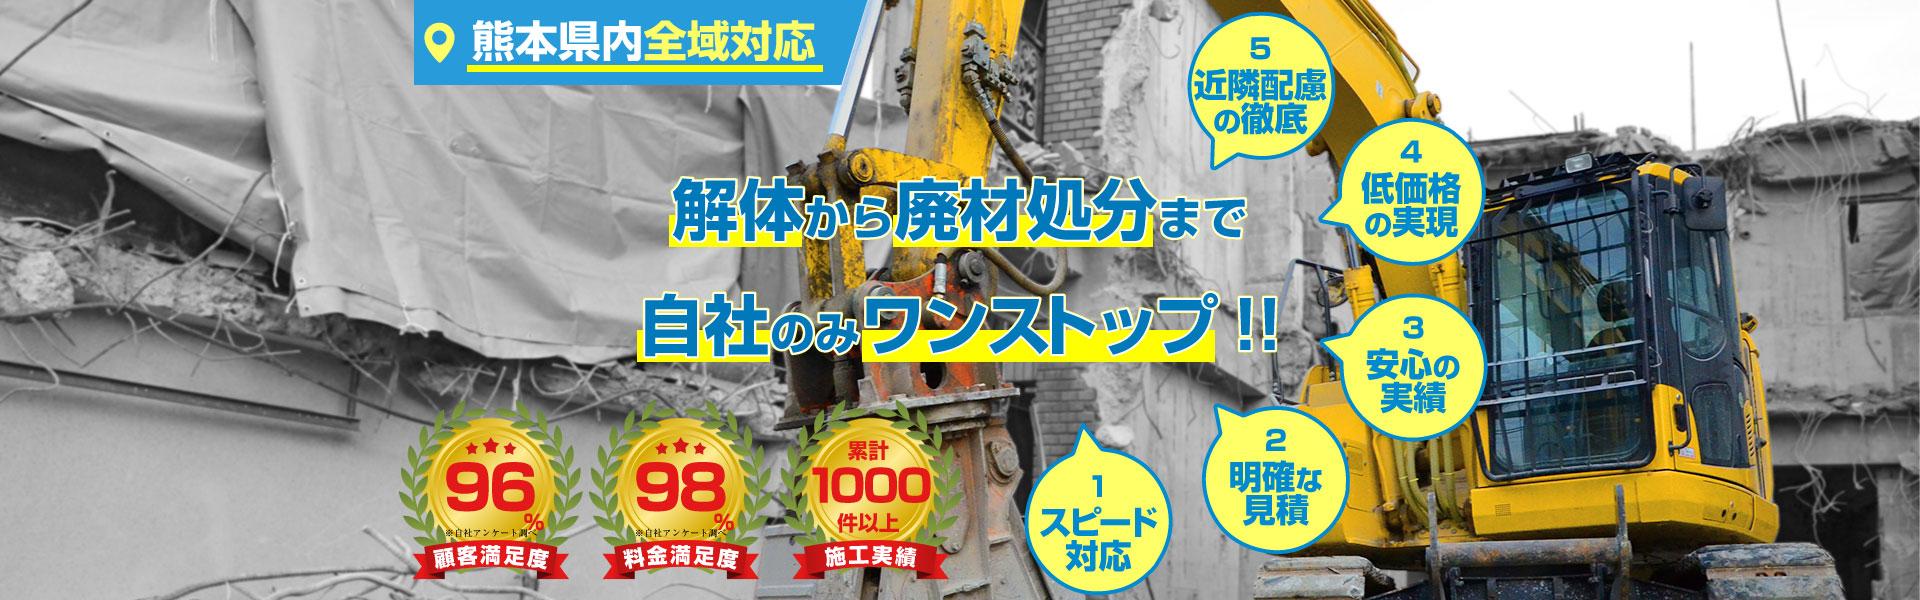 解体から廃材処分まで熊本県内全域対応勲栄総建のみワンストップ スピード対応 明確な見積り 安心の実績 低価格の実現 近隣配慮の徹底